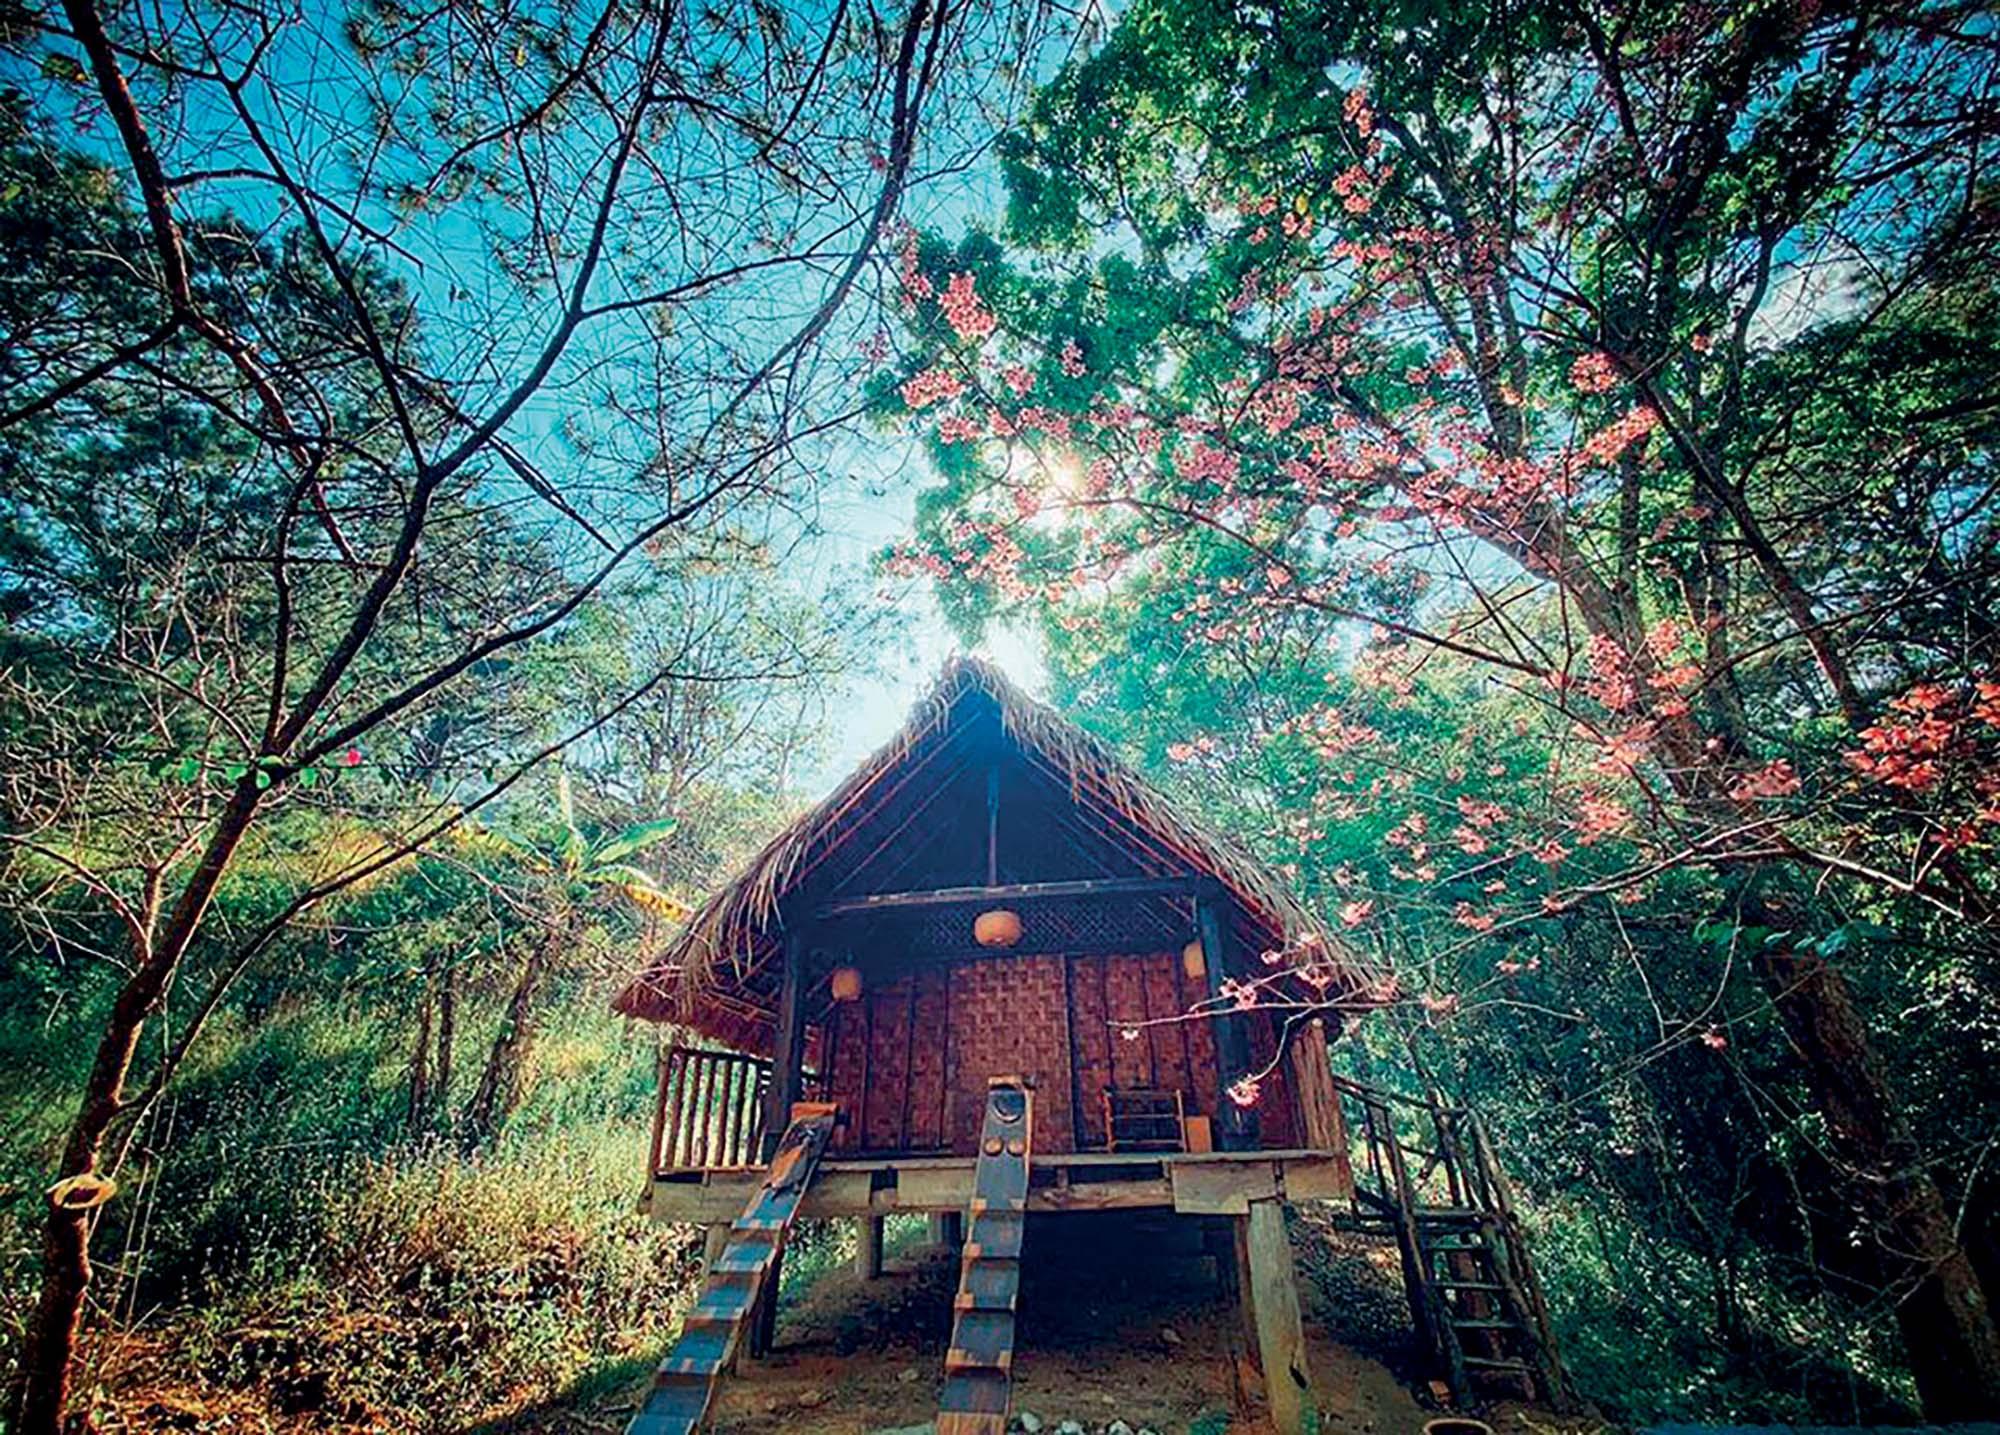 khu nghỉ dưỡng sinh thái